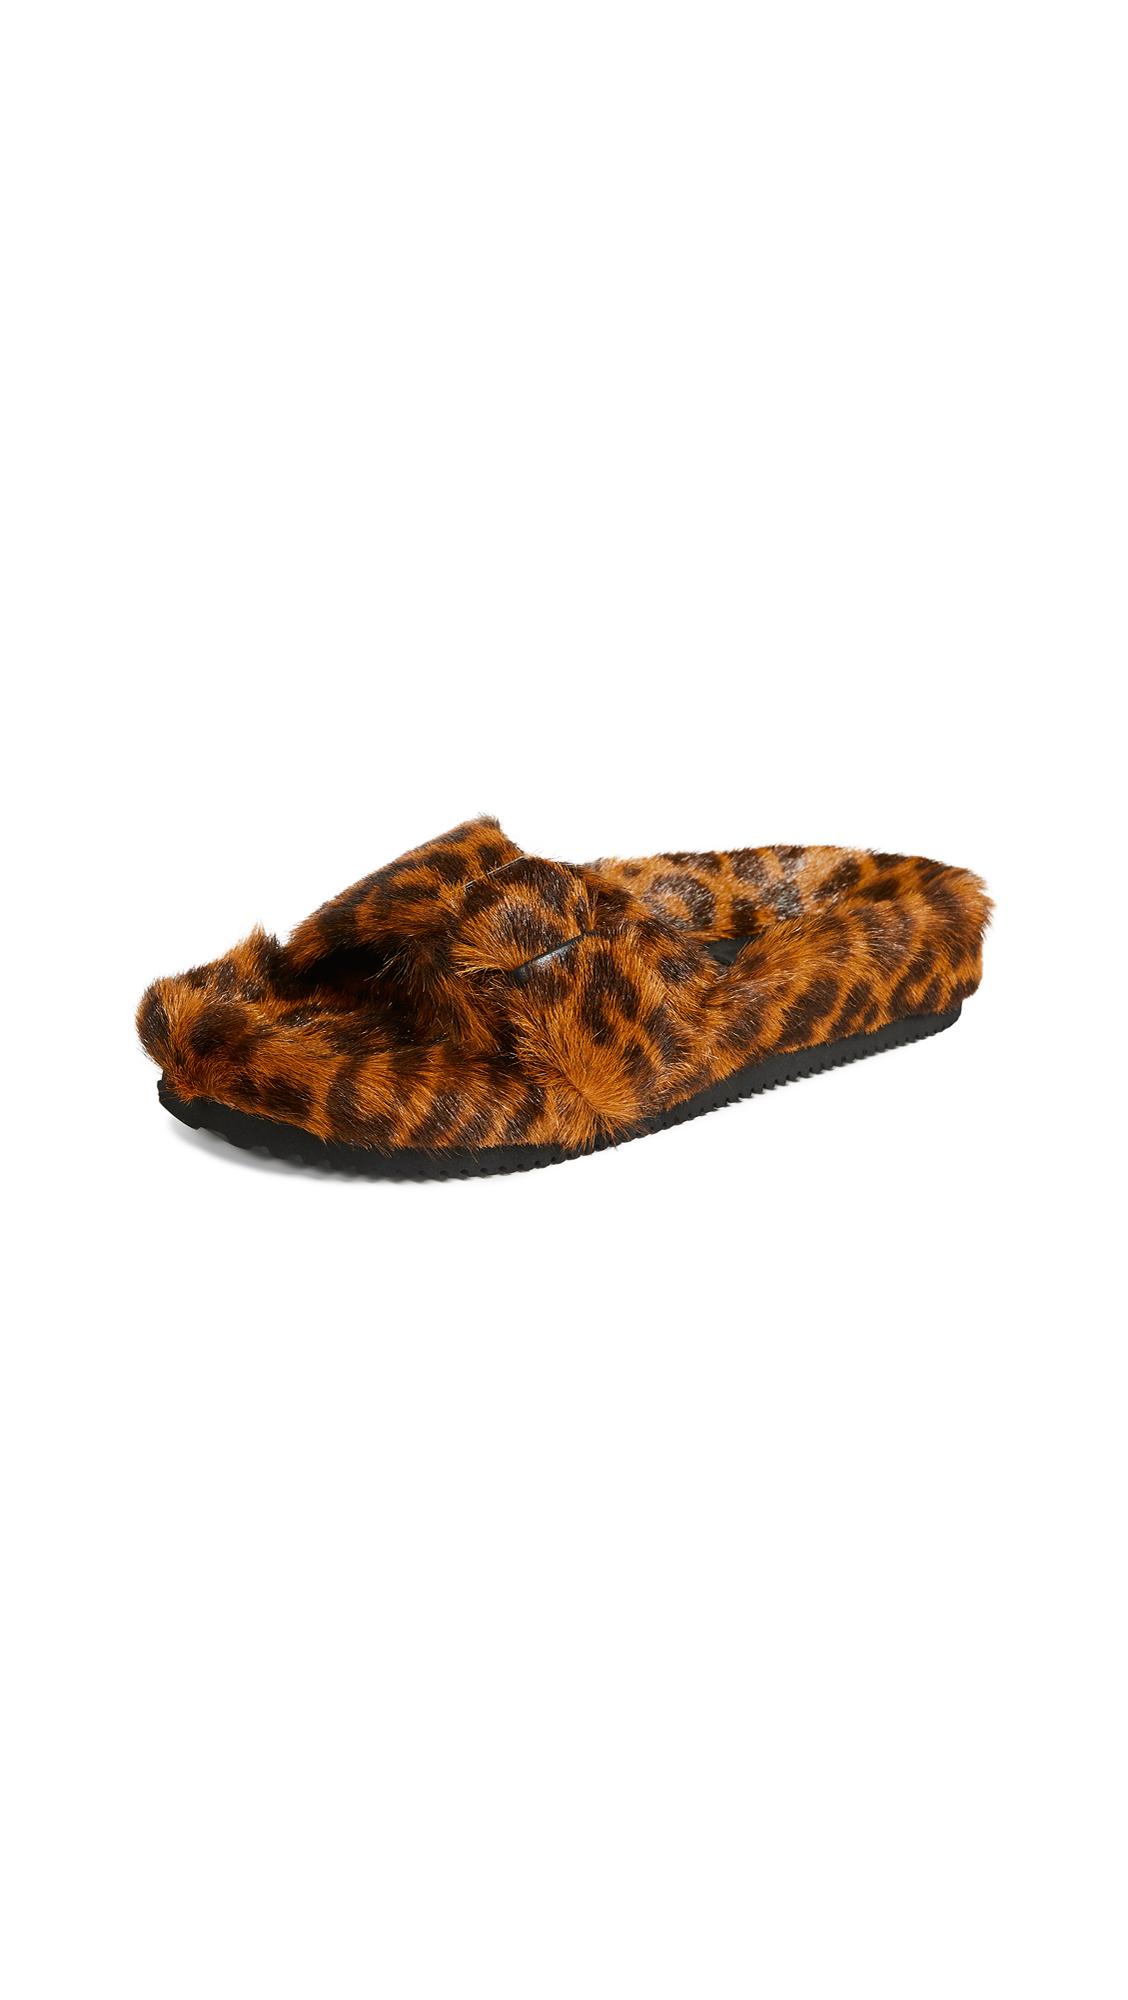 Alexander Wang Bee Slides - Leopard